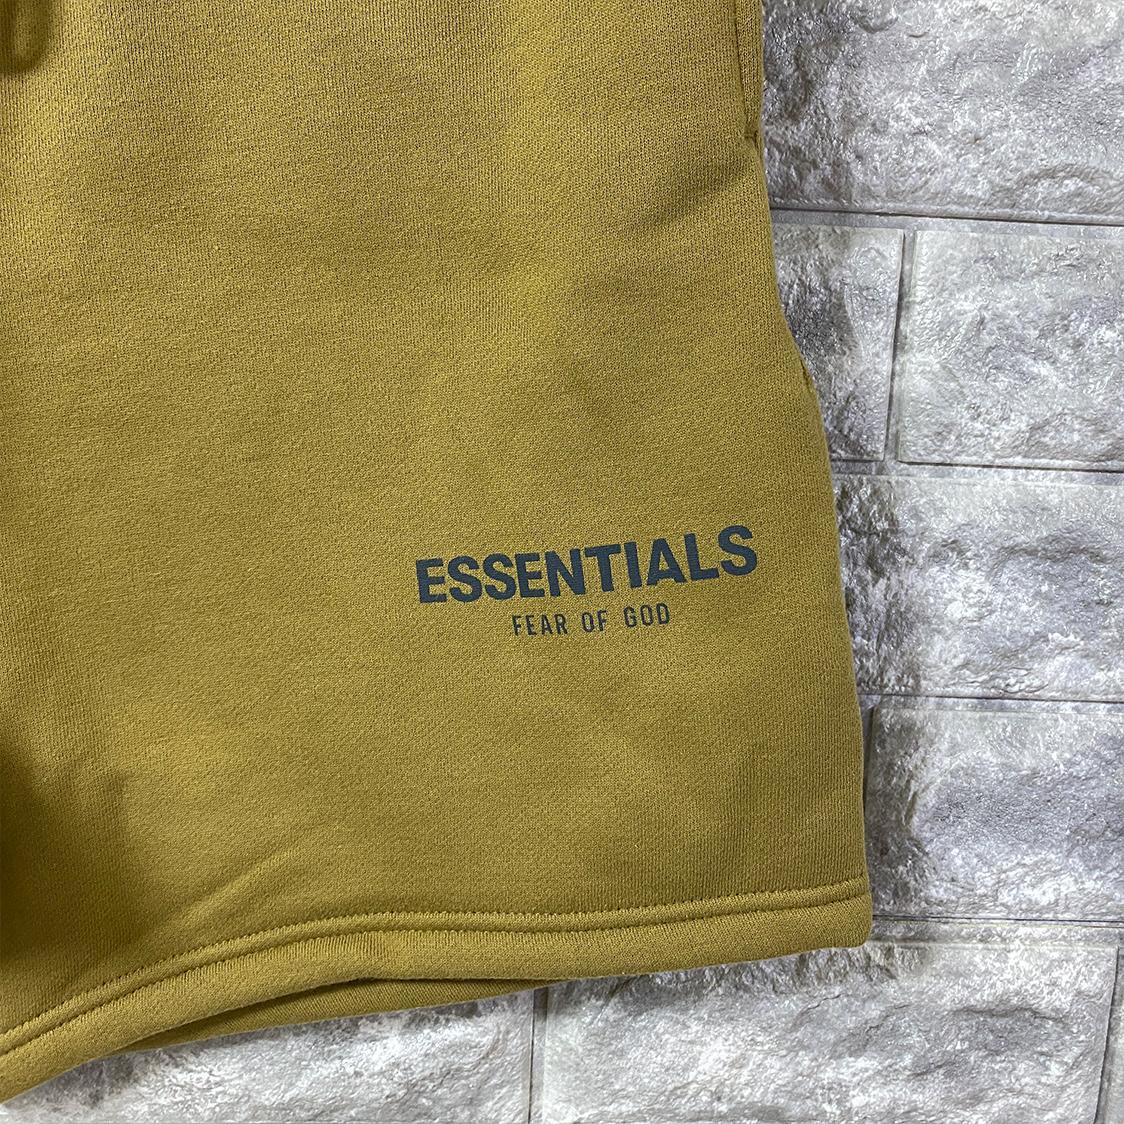 2021新作 新品 Fear Of God Essentials フェアオブゴッド エッセンシャルズ【Mサイズ】 ロゴ スウェット ショーツ ハーフパンツ AMBER アンバー FOG